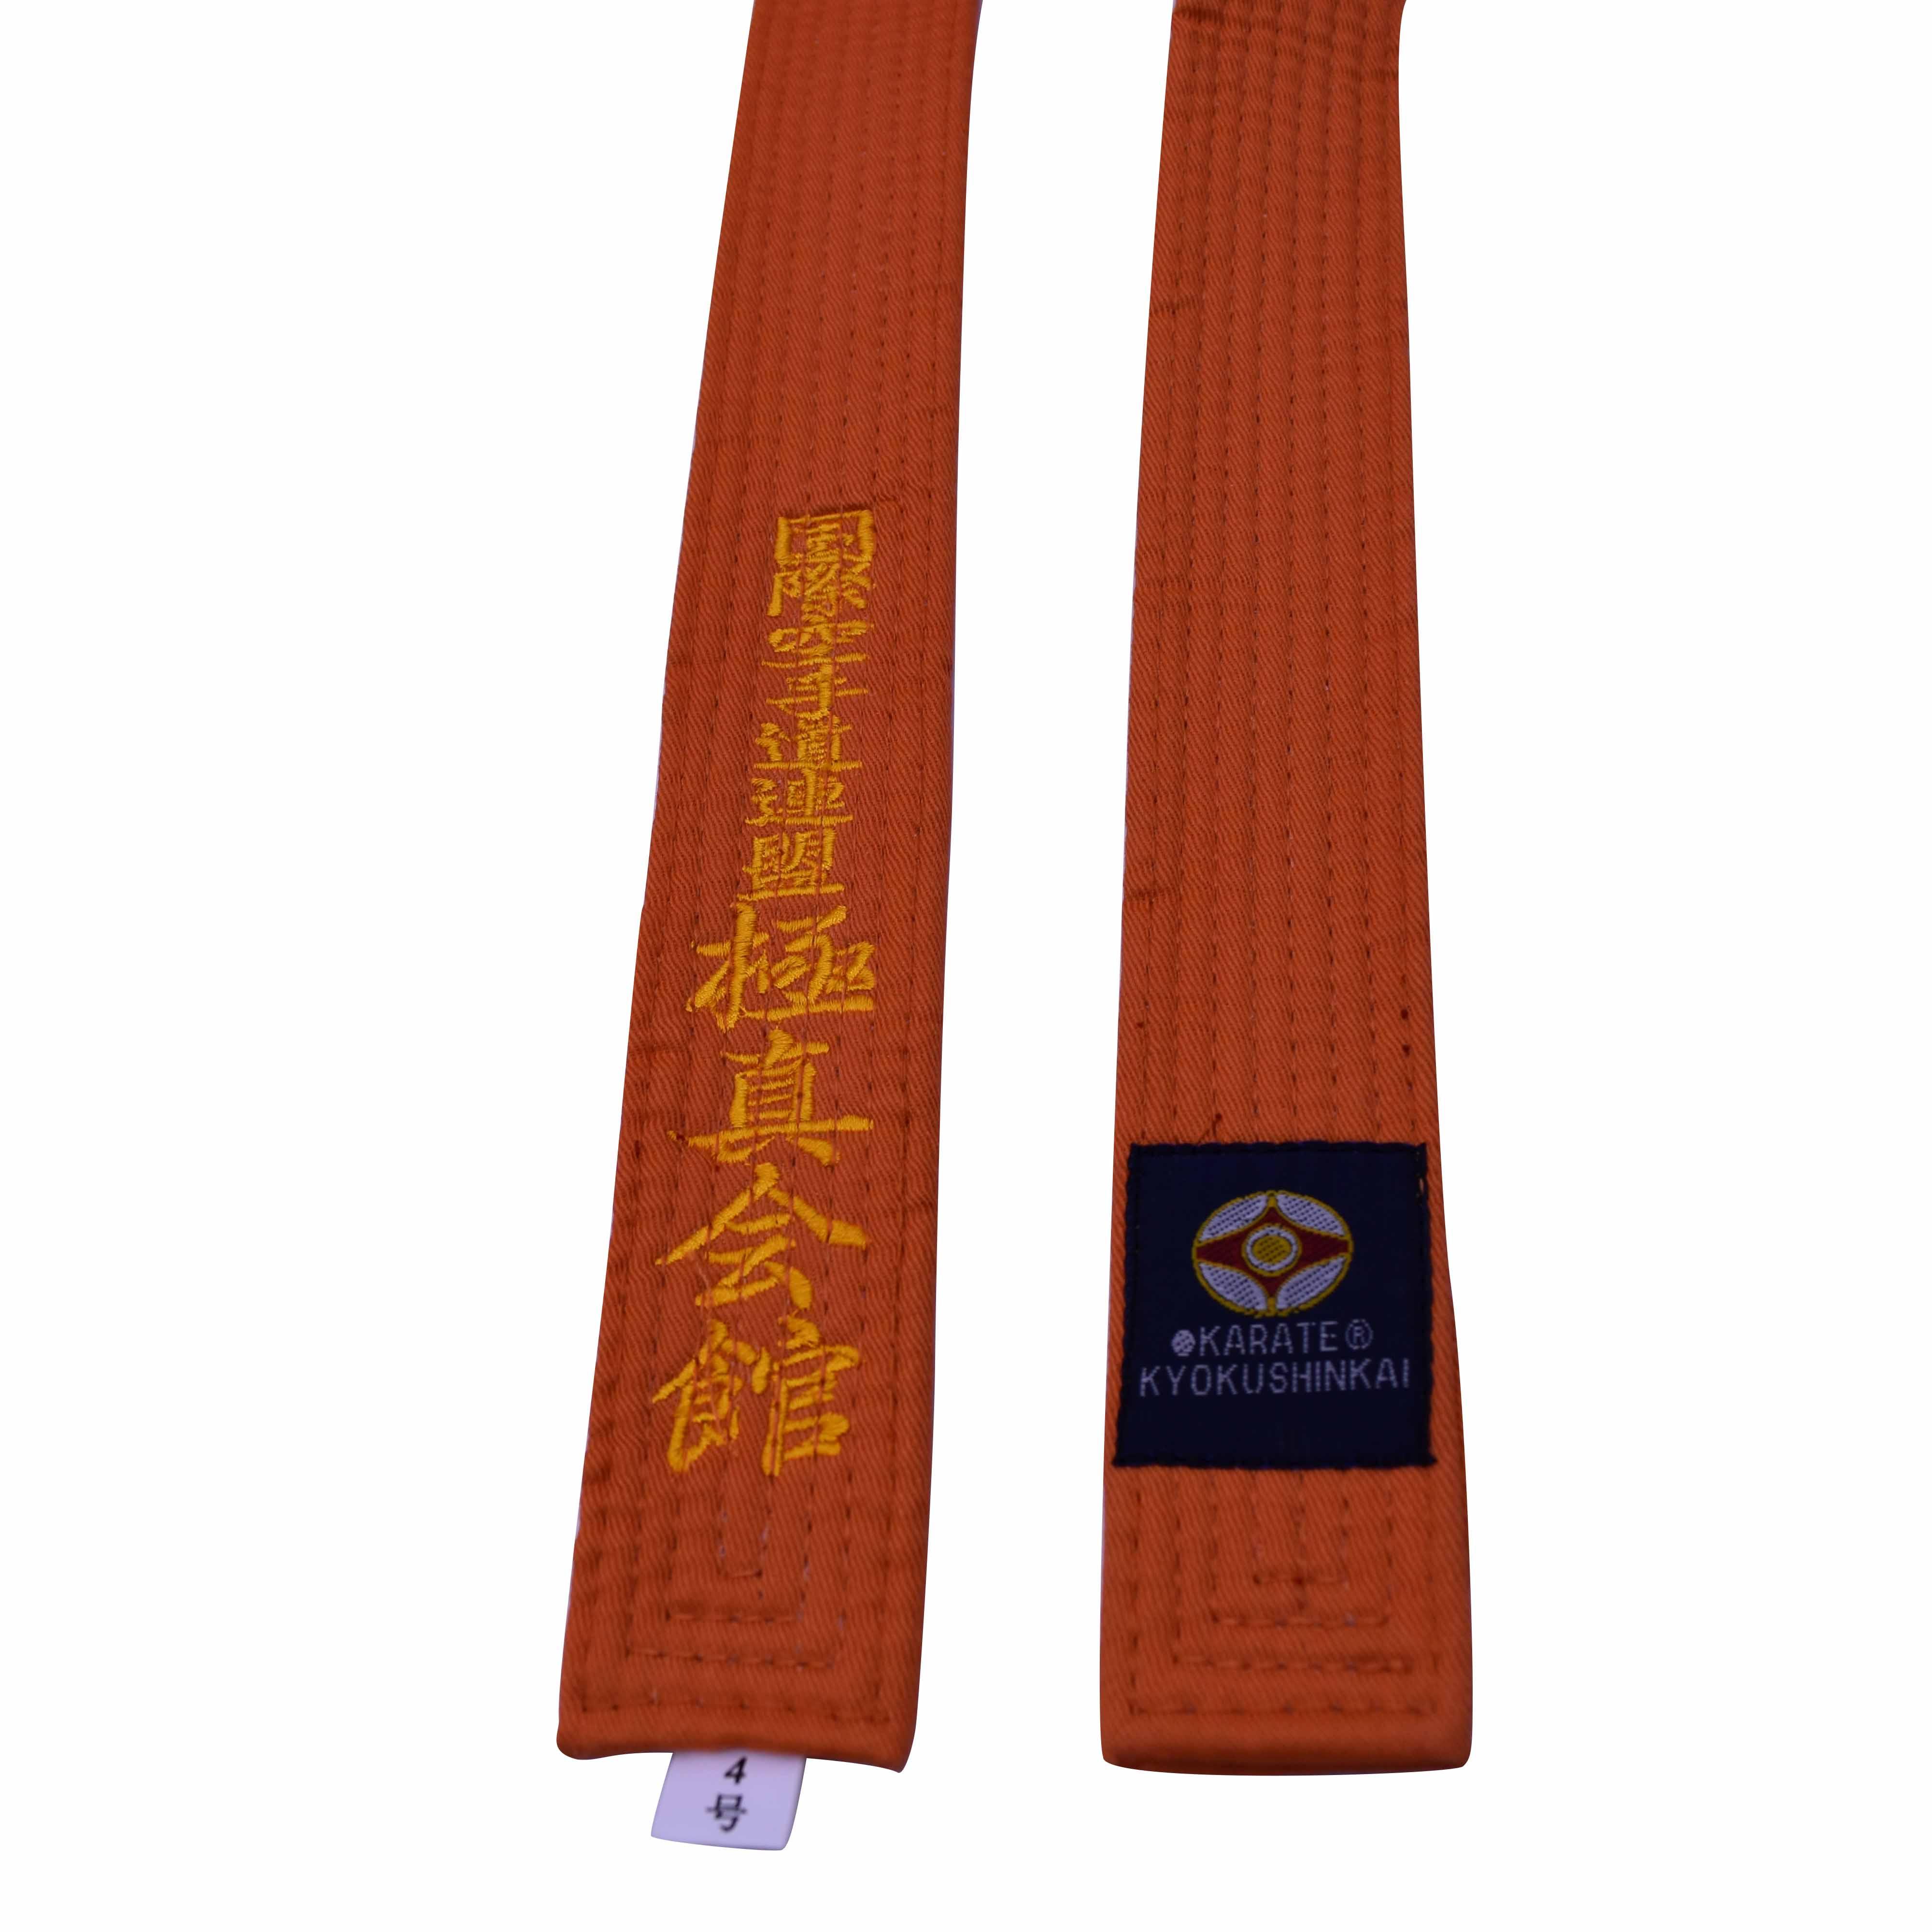 Каратэ Kyokushin пояс kyokushin каратэ kyokussinkai каратэ пояса Япония токёдо ремни могут вышитые имя и слова